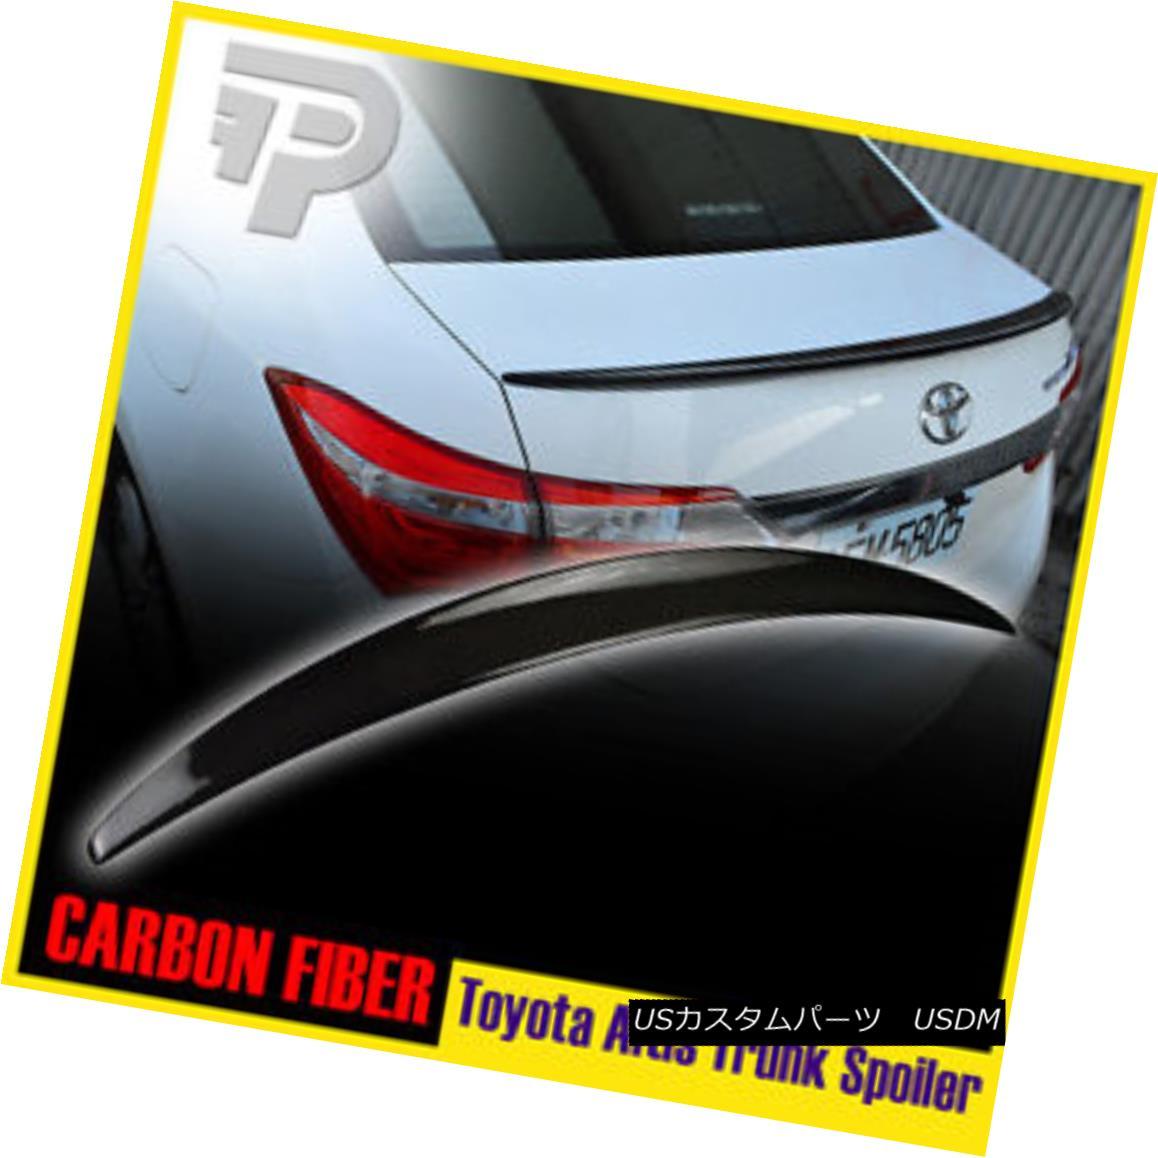 エアロパーツ Carbon Fiber For Toyota Corolla Altis 2014-2016 Performance P-Type Trunk Spoiler Toyota Corolla Altis用炭素繊維2014-2016パフォーマンスP型トランク・スポイラー